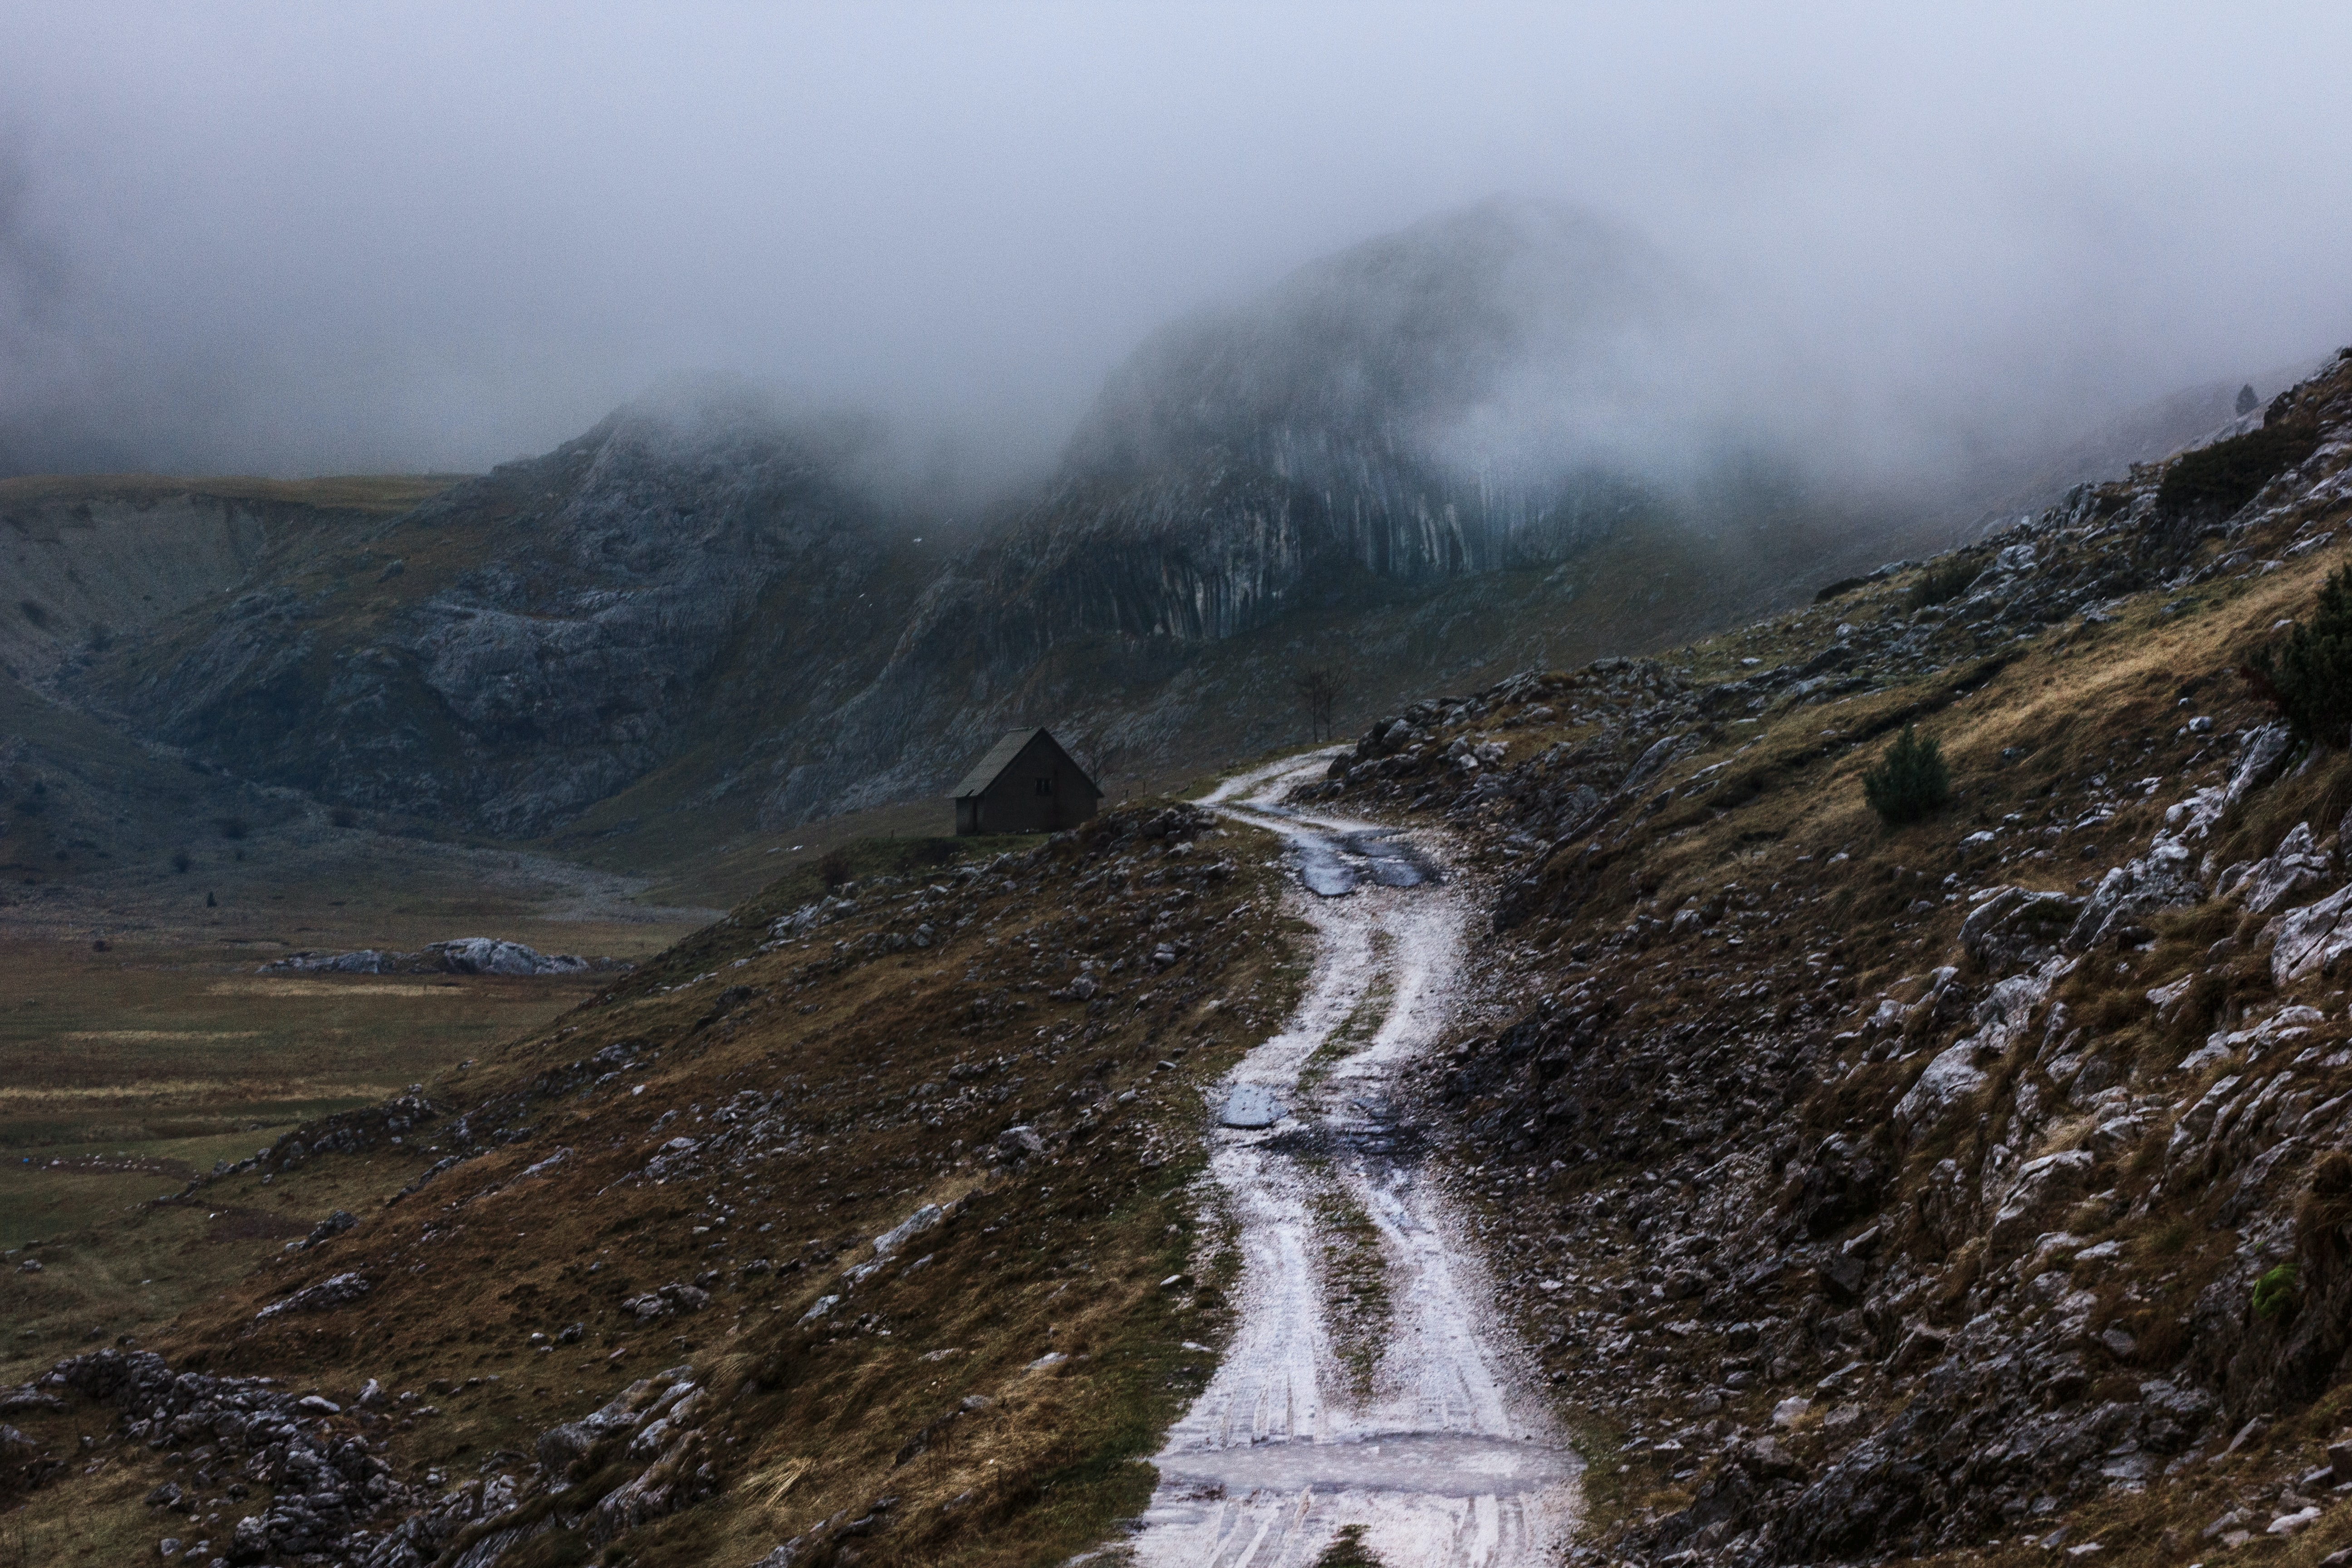 white road on mountain